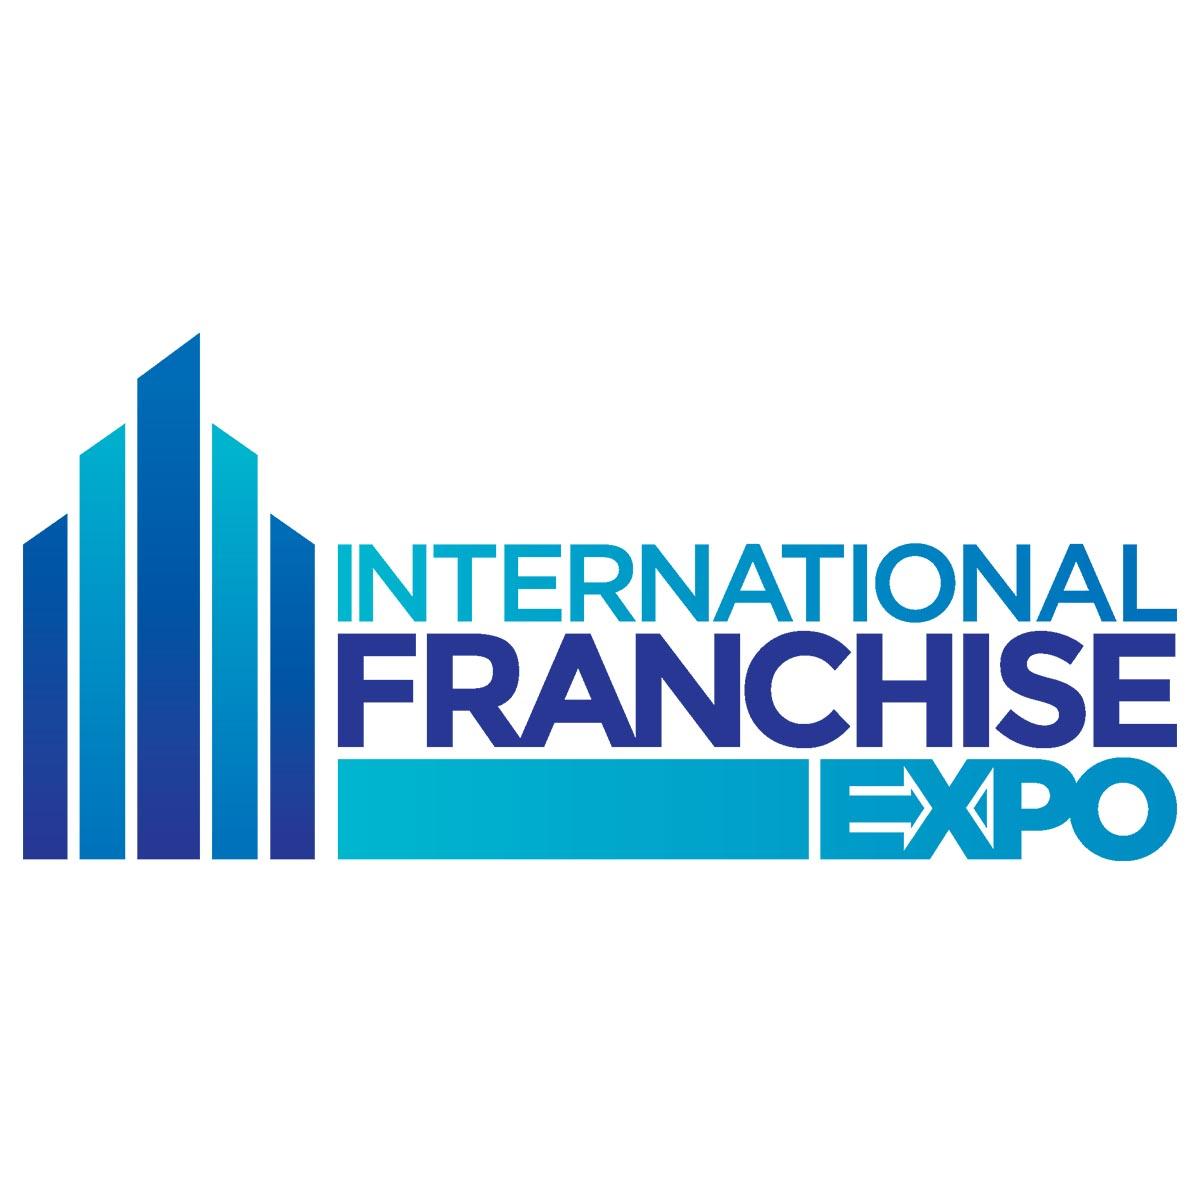 International Franchise Expo 2018